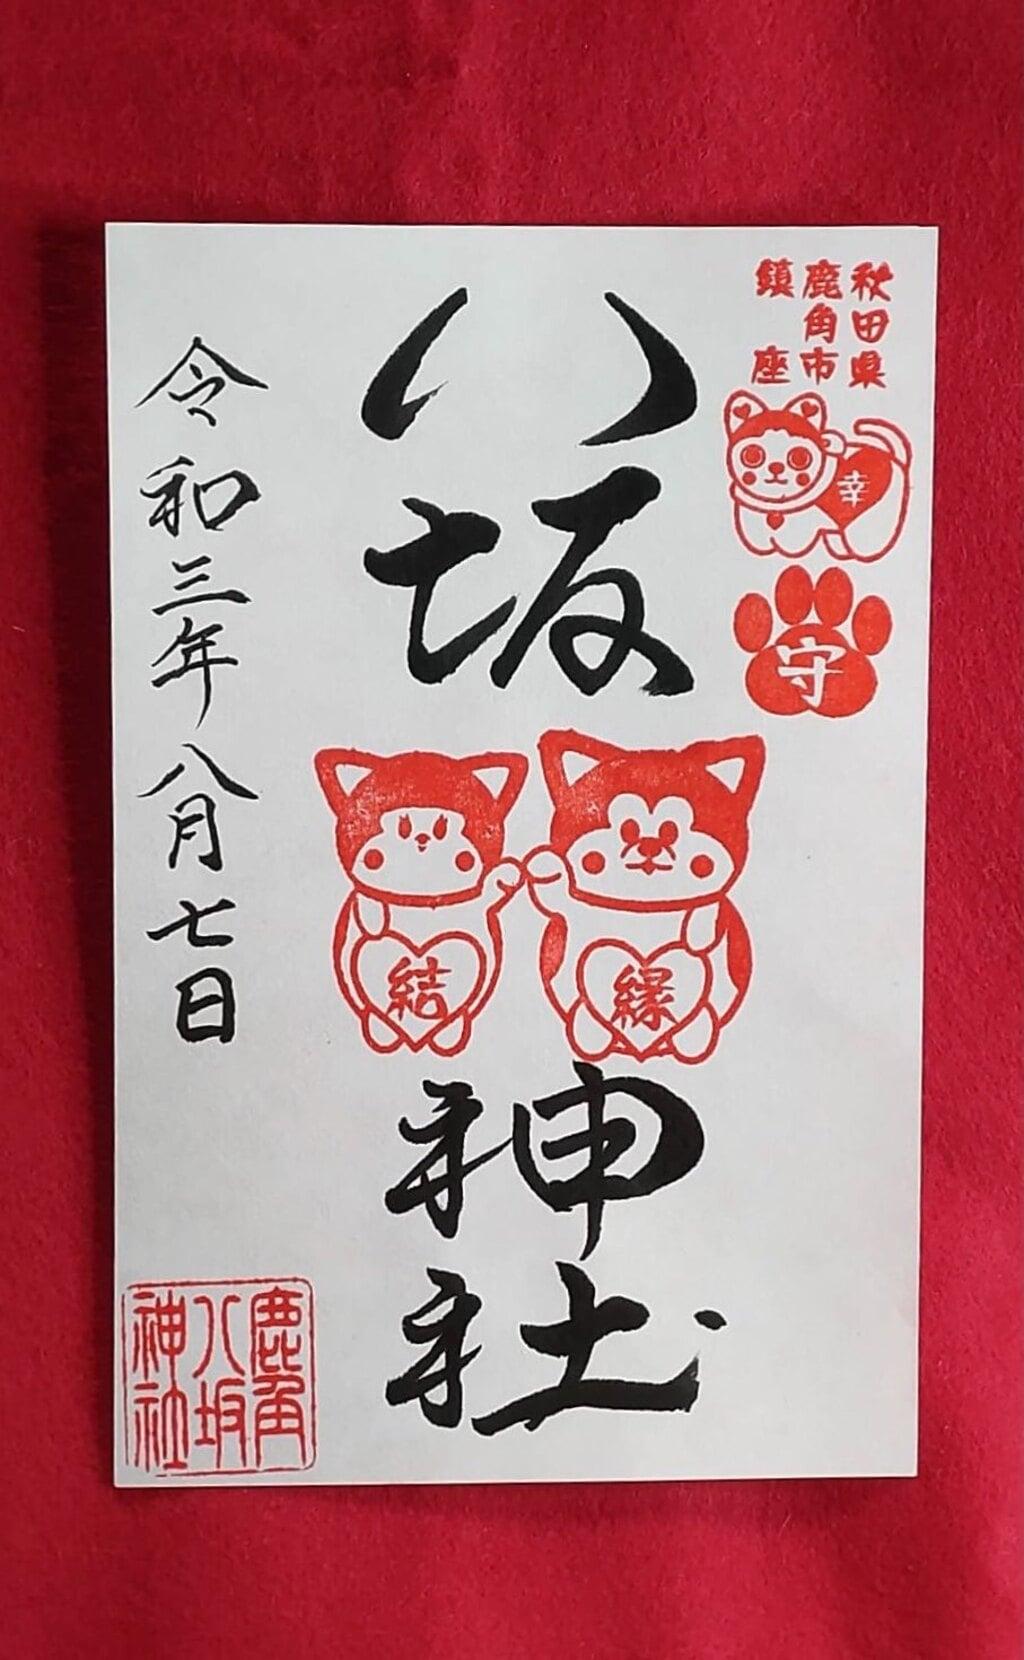 鹿角八坂神社の御朱印